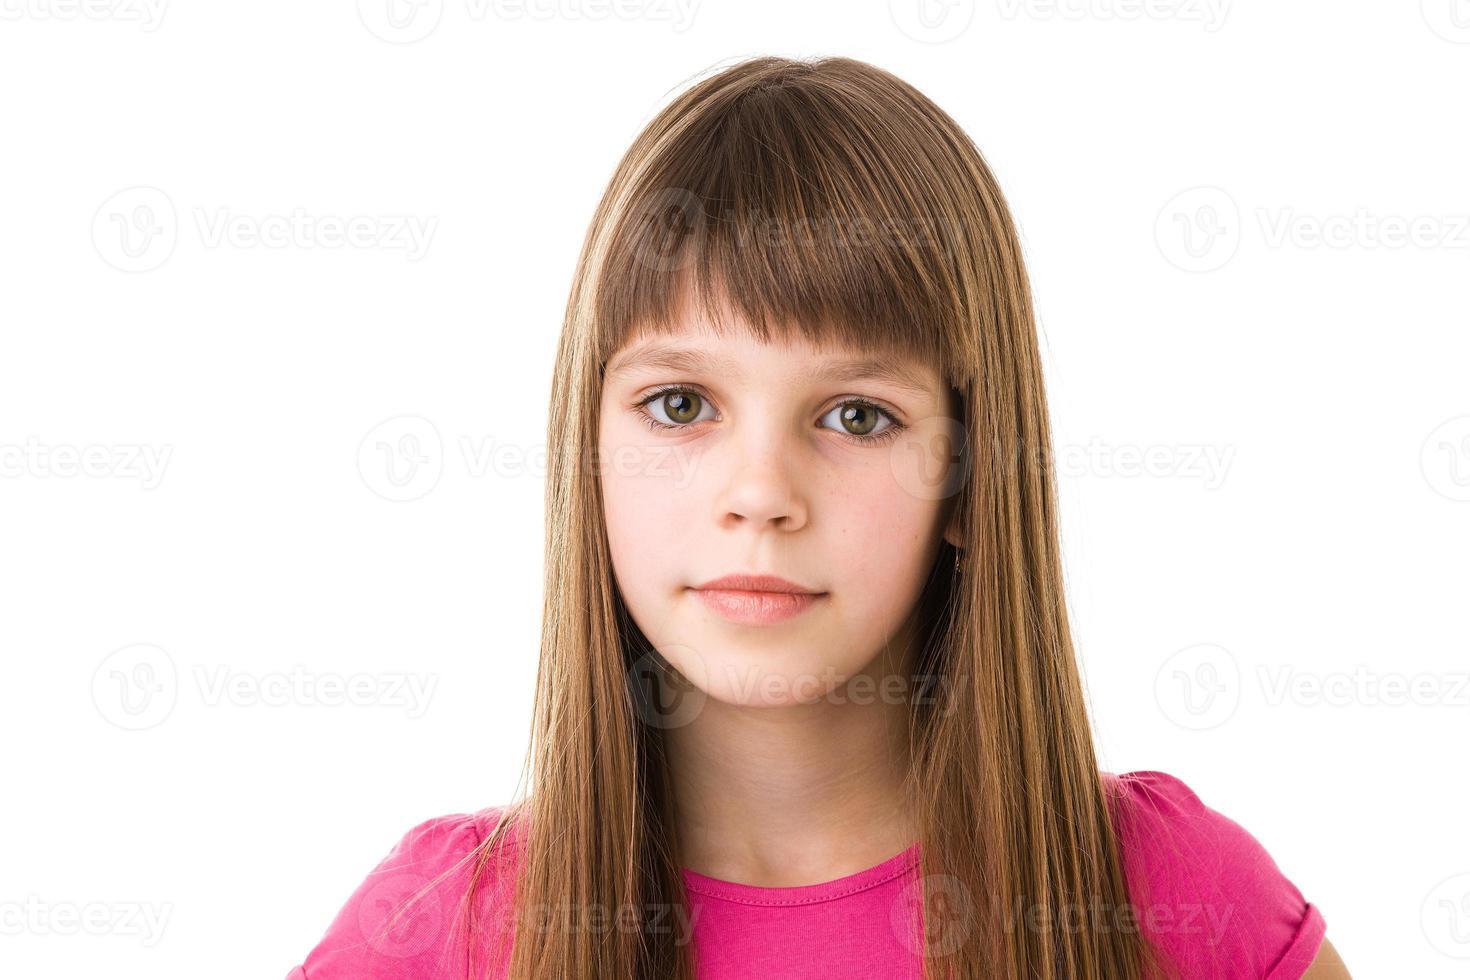 giovane ragazza adolescente foto